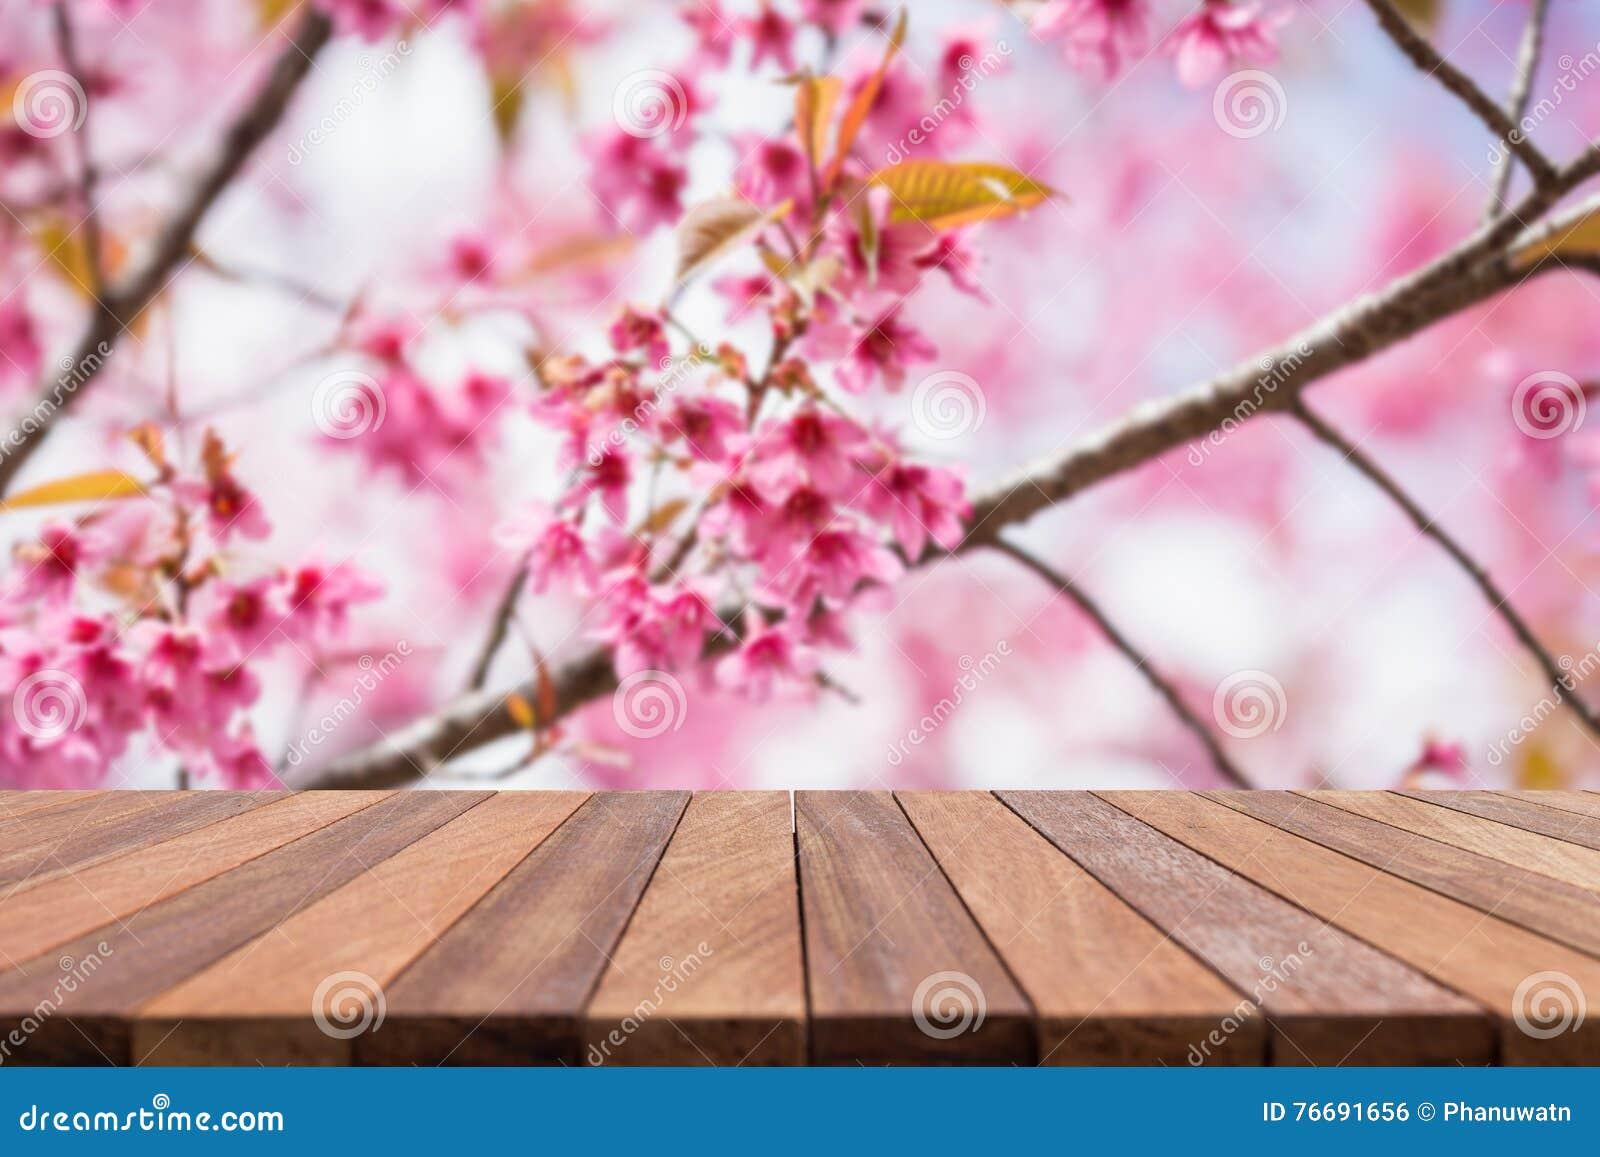 Svuoti il fondo vago di legno superiore del giacimento di fiore e della tavola